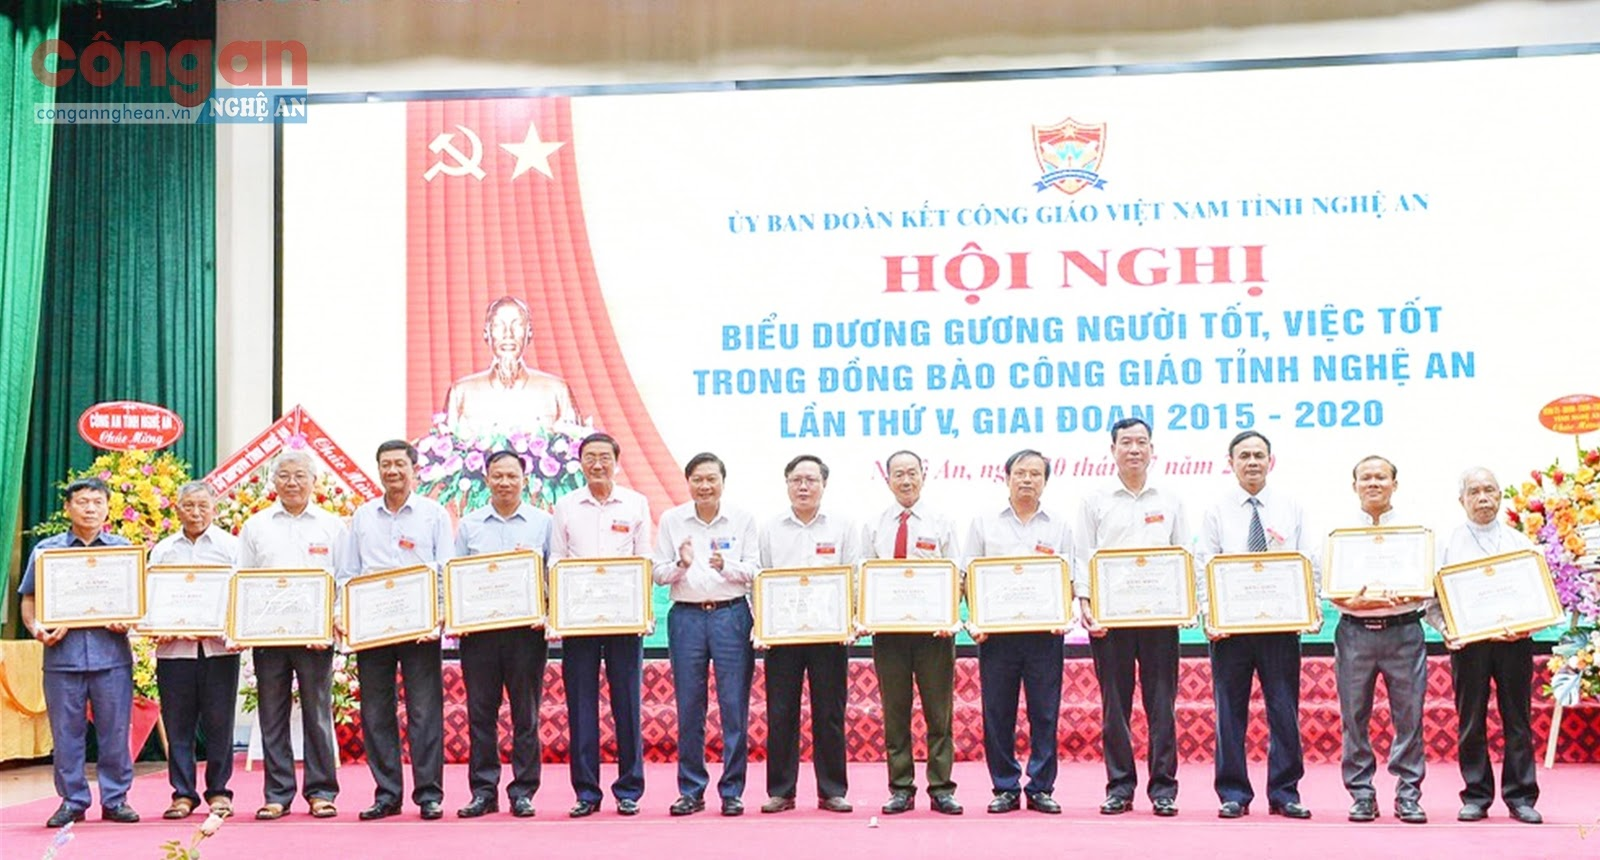 Đồng chí Lê Hồng Vinh, Phó Chủ tịch Thường trực UBND tỉnh trao Bằng khen của UBND tỉnh cho các cá nhân gương  người tốt, việc tốt tại Hội nghị Biểu dương gương người tốt,  việc tốt trong đồng bào Công giáo tỉnh giai đoạn 2015 - 2020